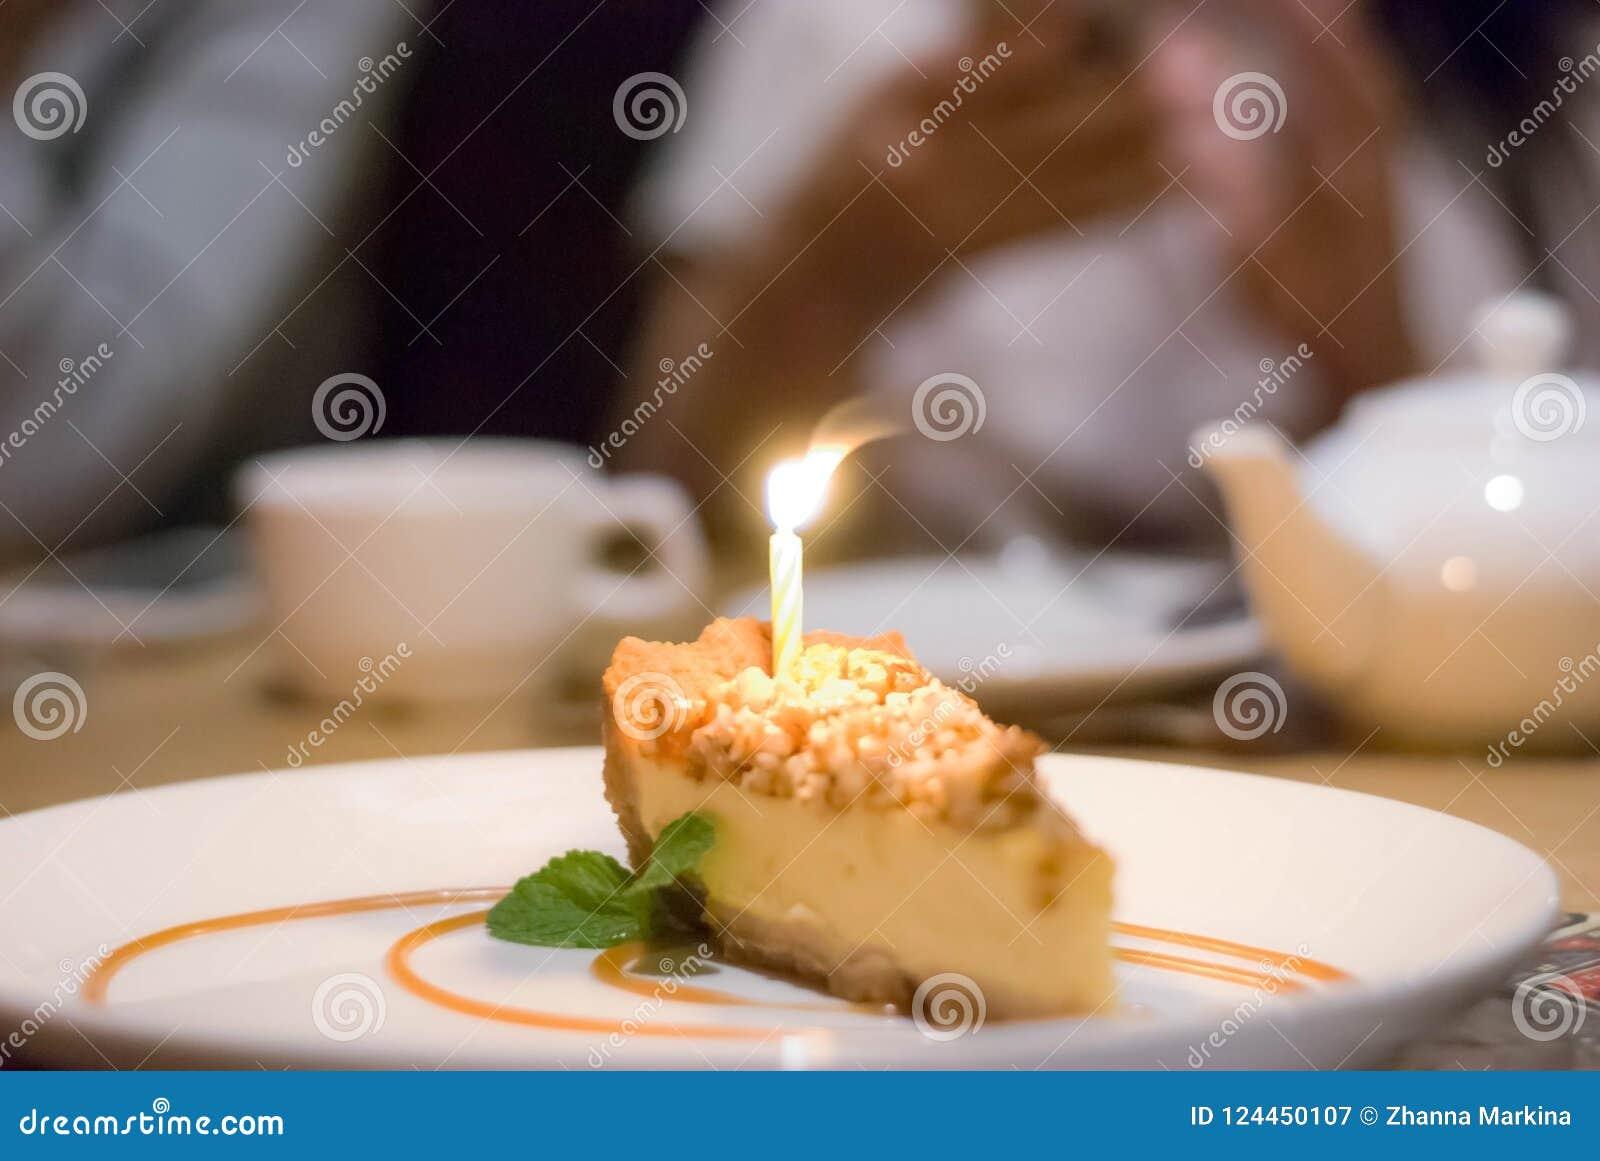 Una fetta di torta di formaggio con una candela bruciante per un compleanno